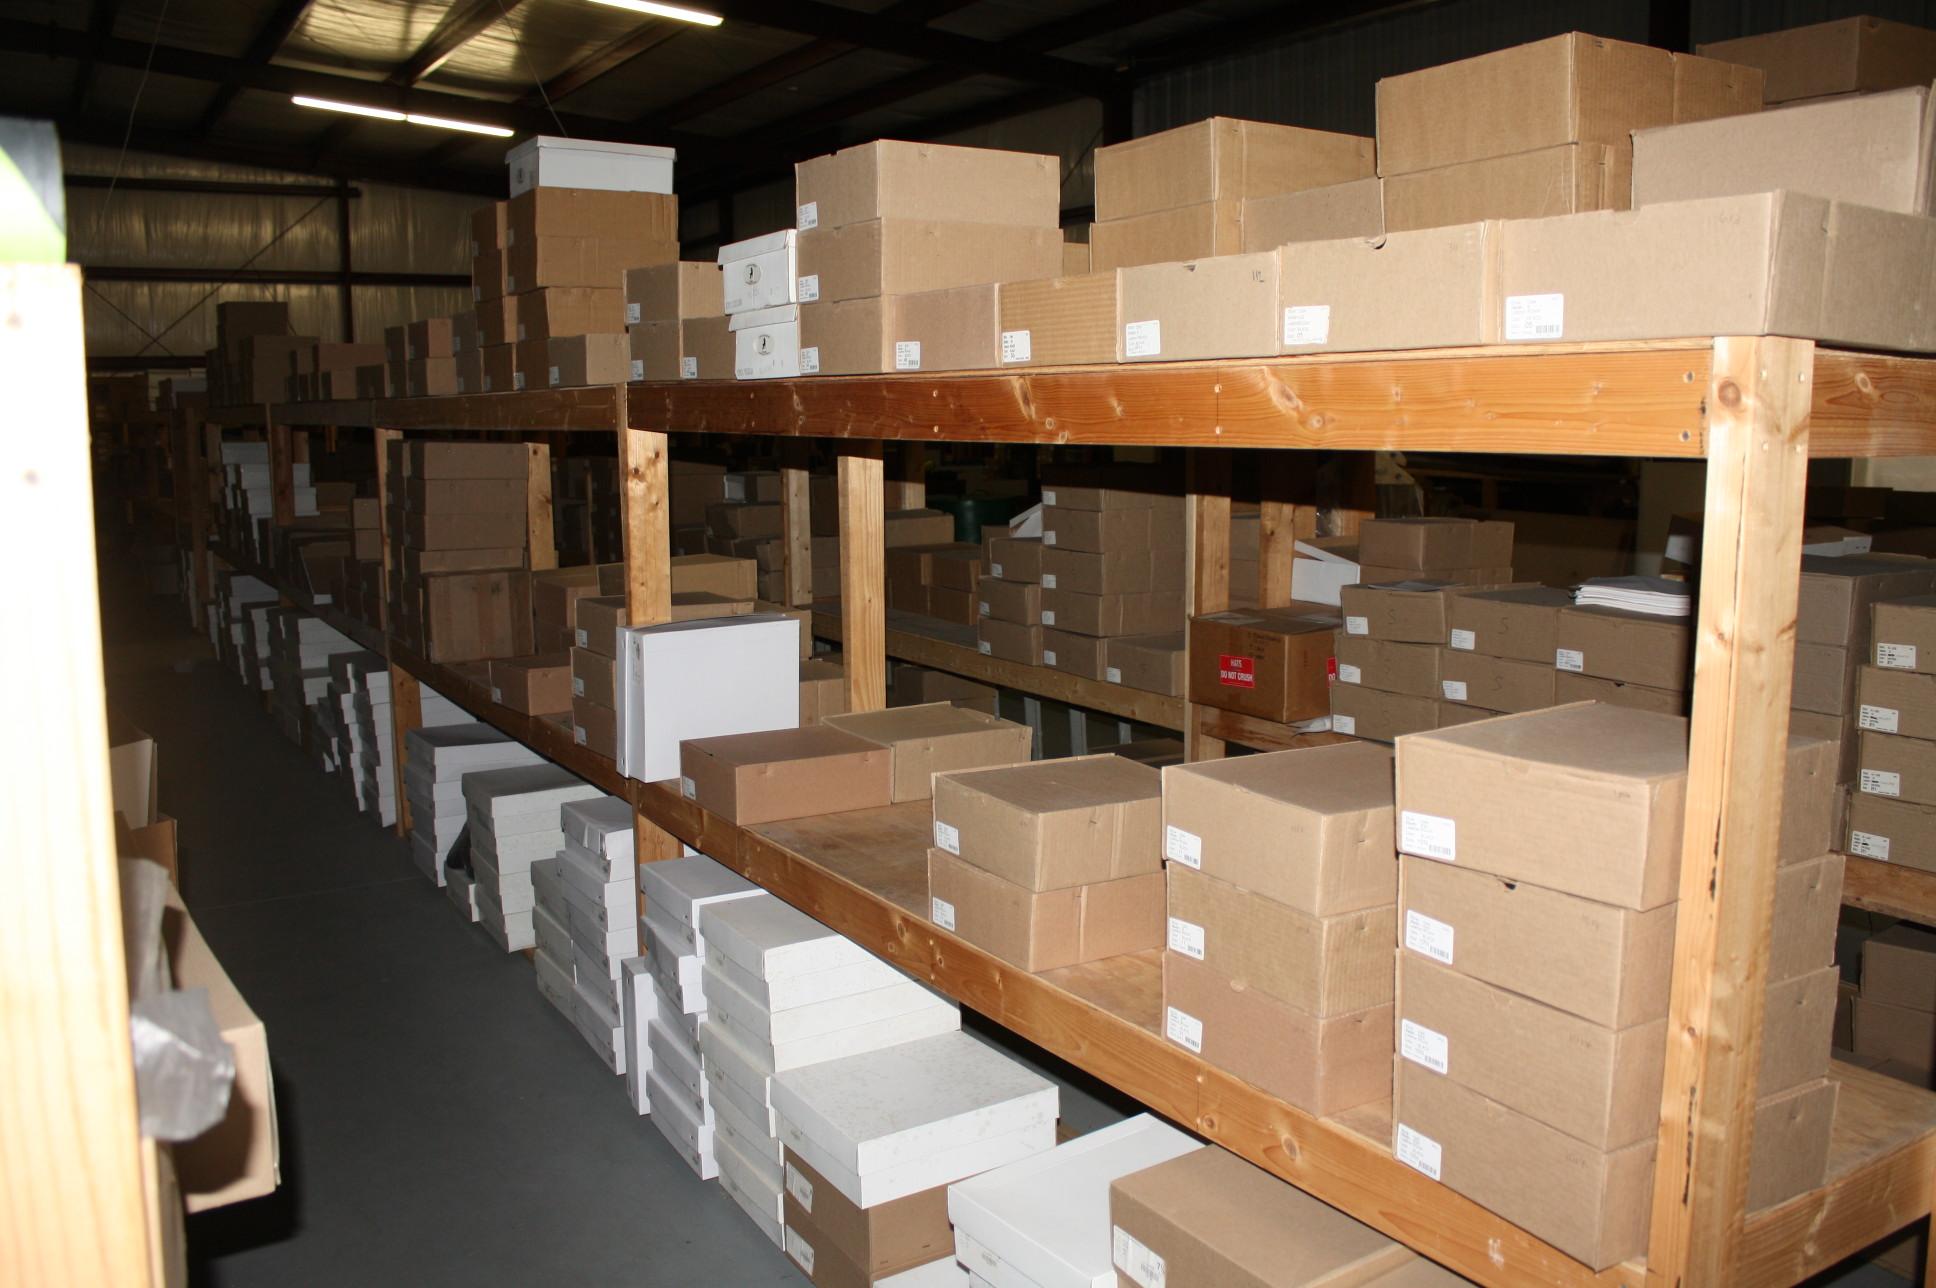 Fugawee Warehouse